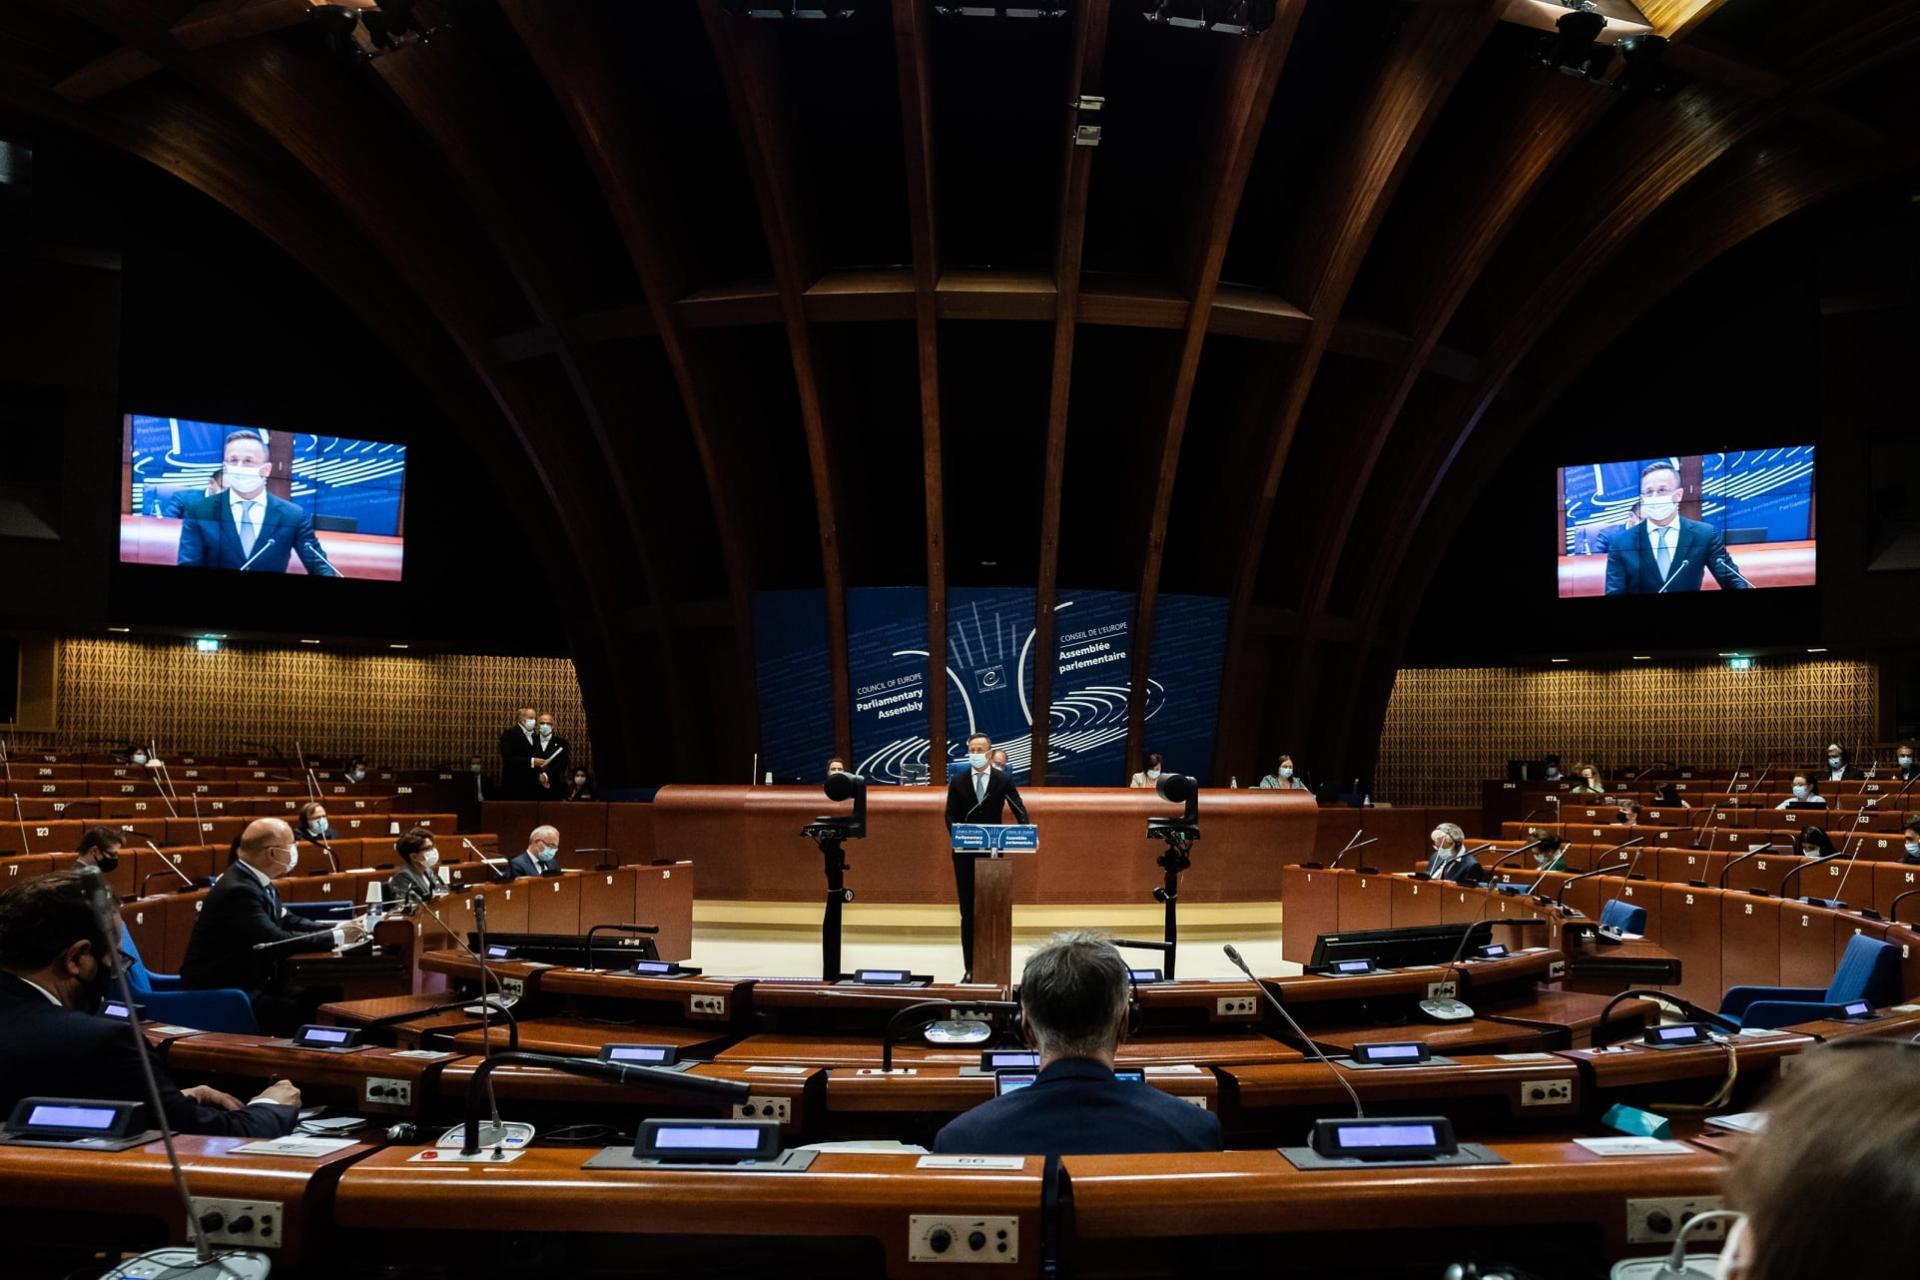 Európának meg kell védenie a nemzeti kisebbségeket és a vallásgyakorlás szabadságát